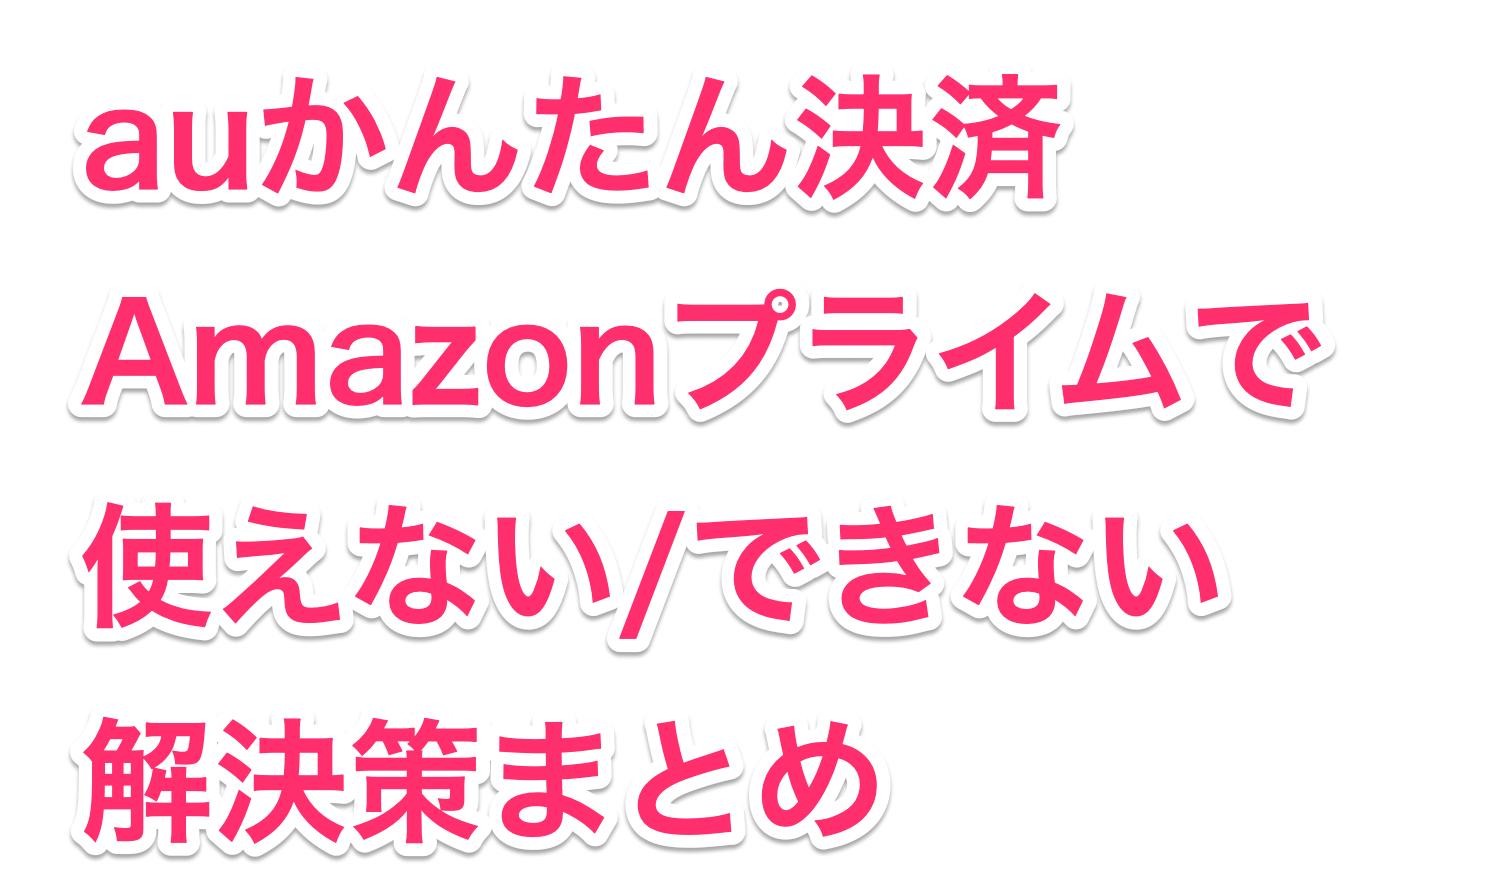 ドコモ amazon プライム 無料 できない